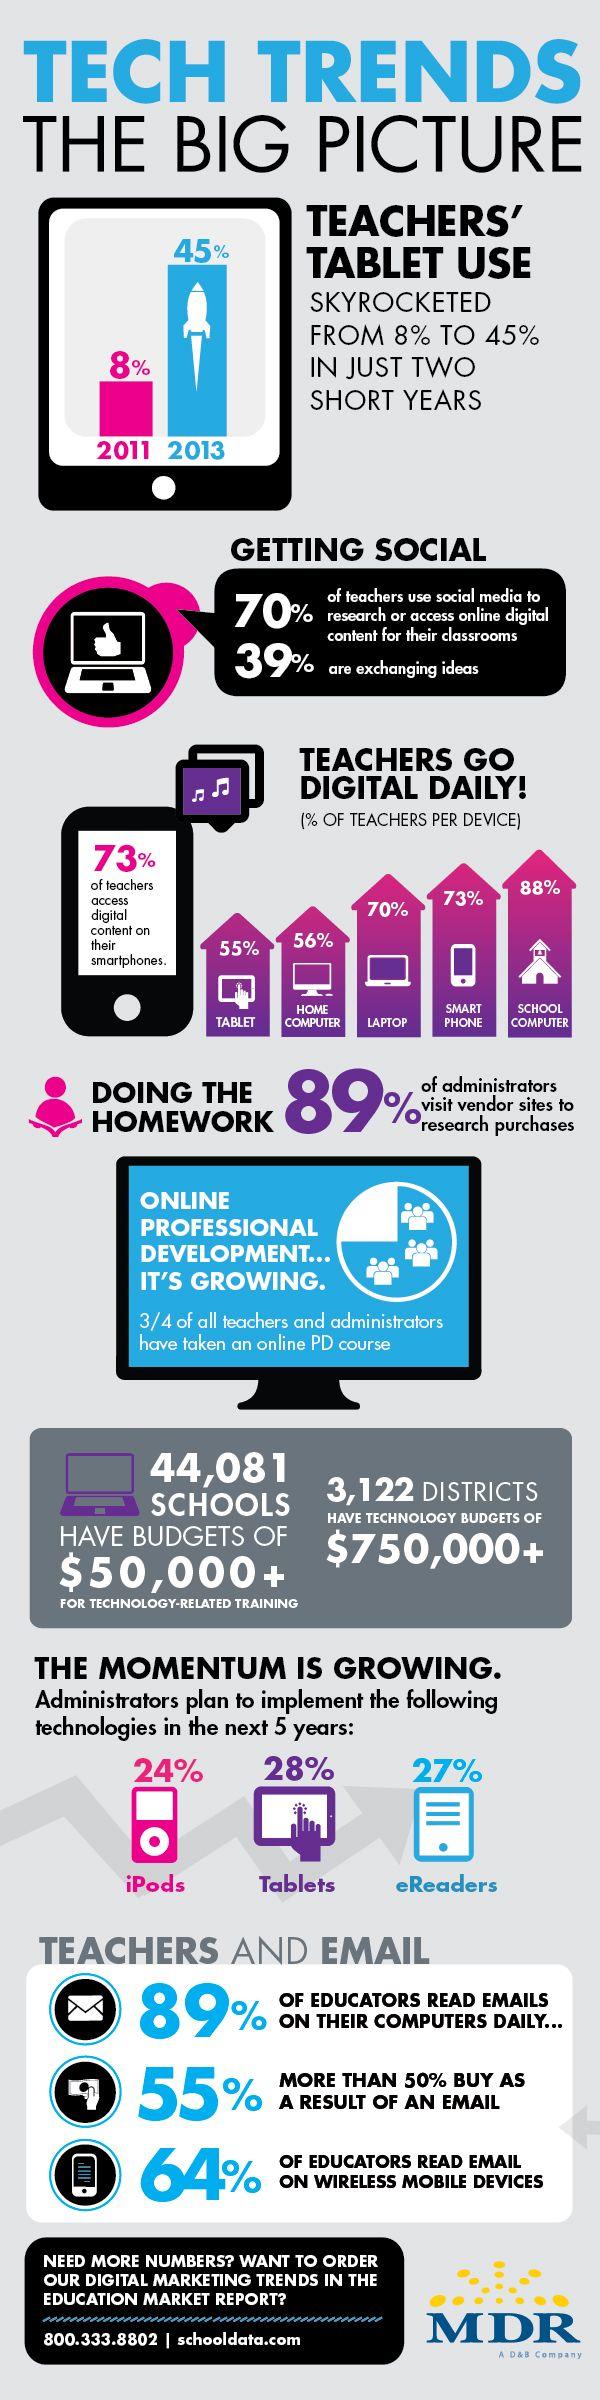 #Teacher Tech Trends. The big